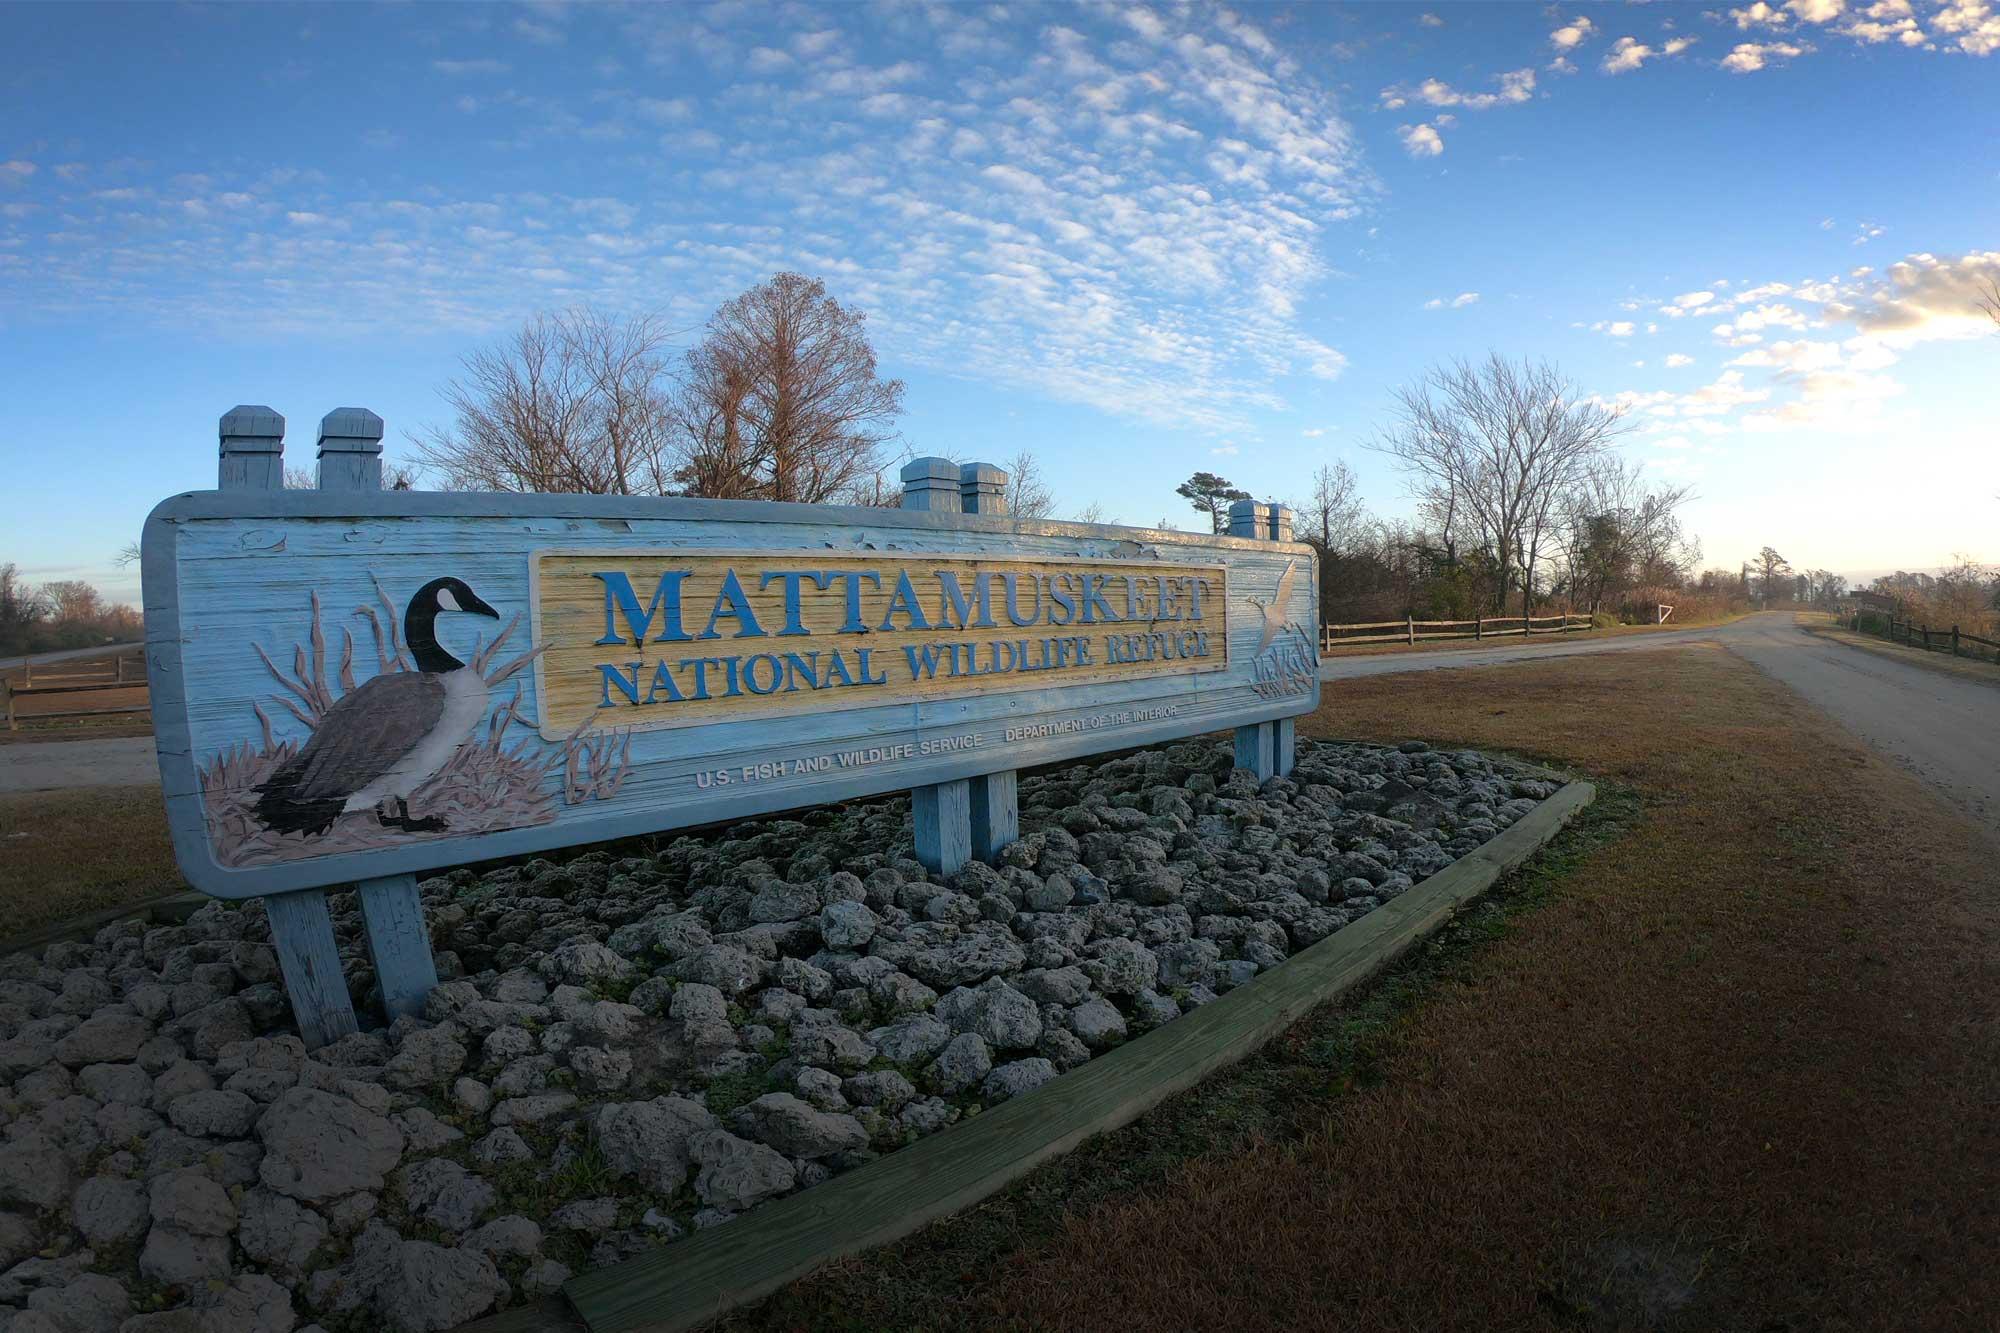 Mattamuskeet National Wildlife Refuge signage at sunrise